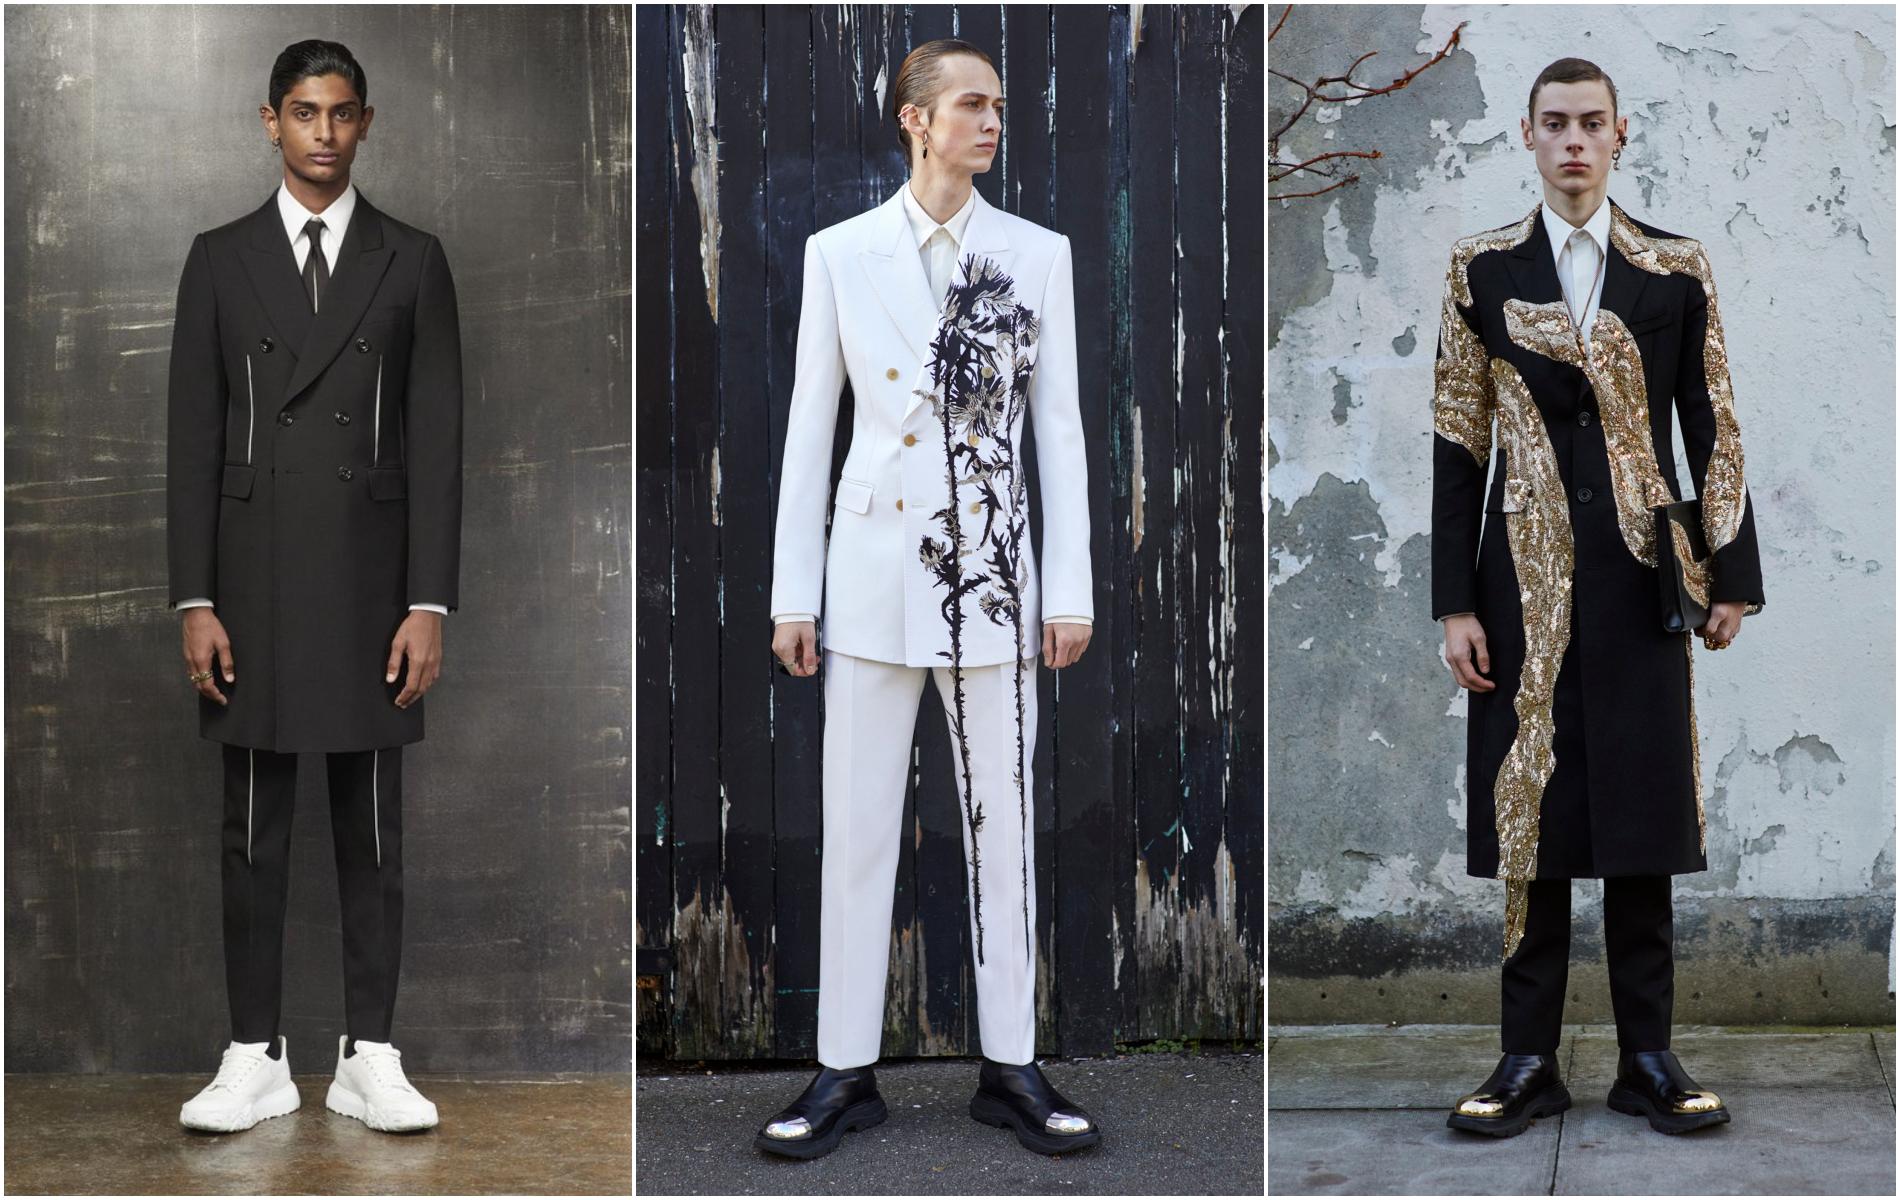 thương hiệu thời trang alexander macqueen bst pre fall 20 cho nam